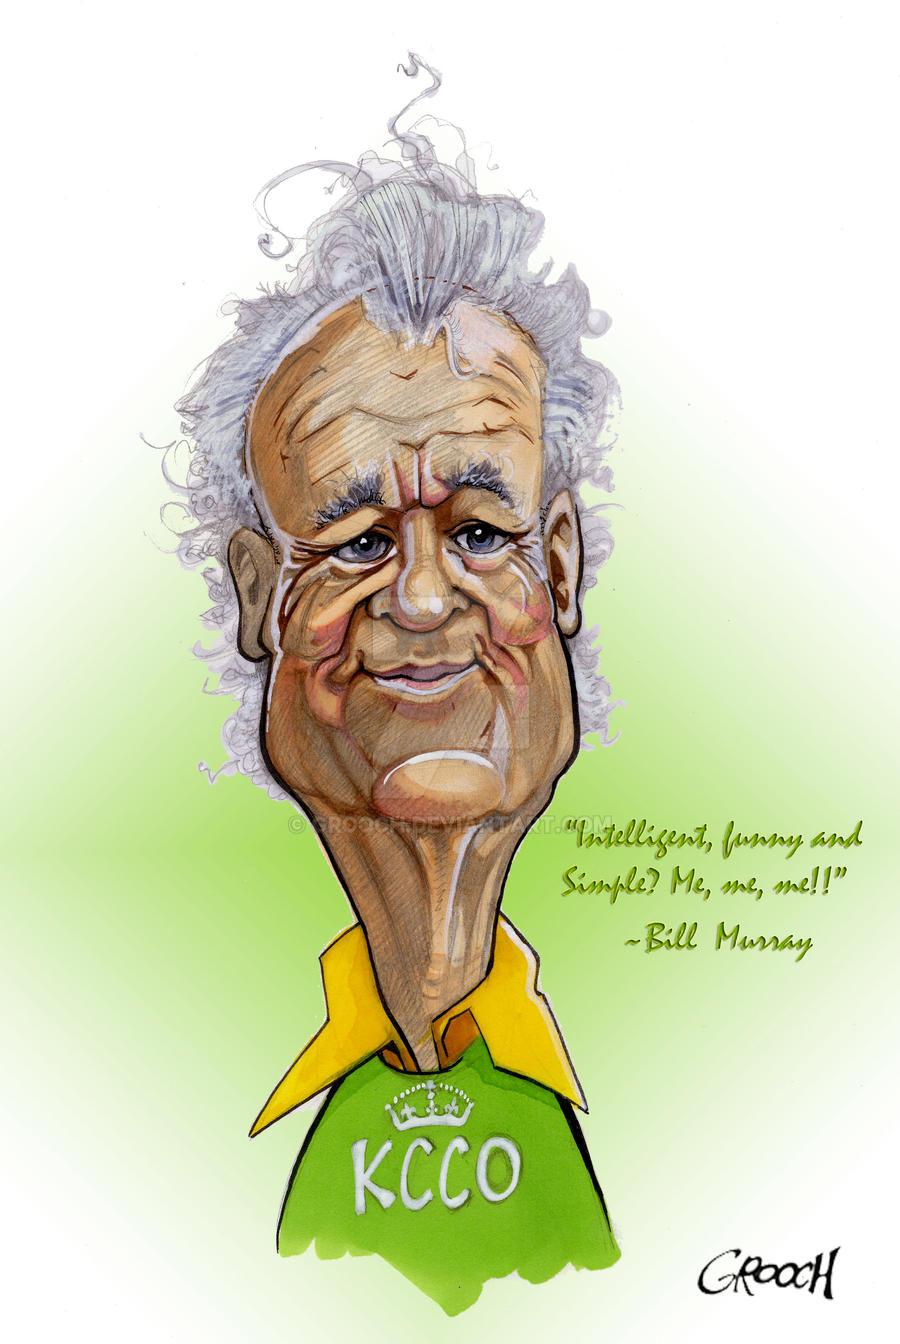 Bill Murray, KCCO by GROOCH on DeviantArt